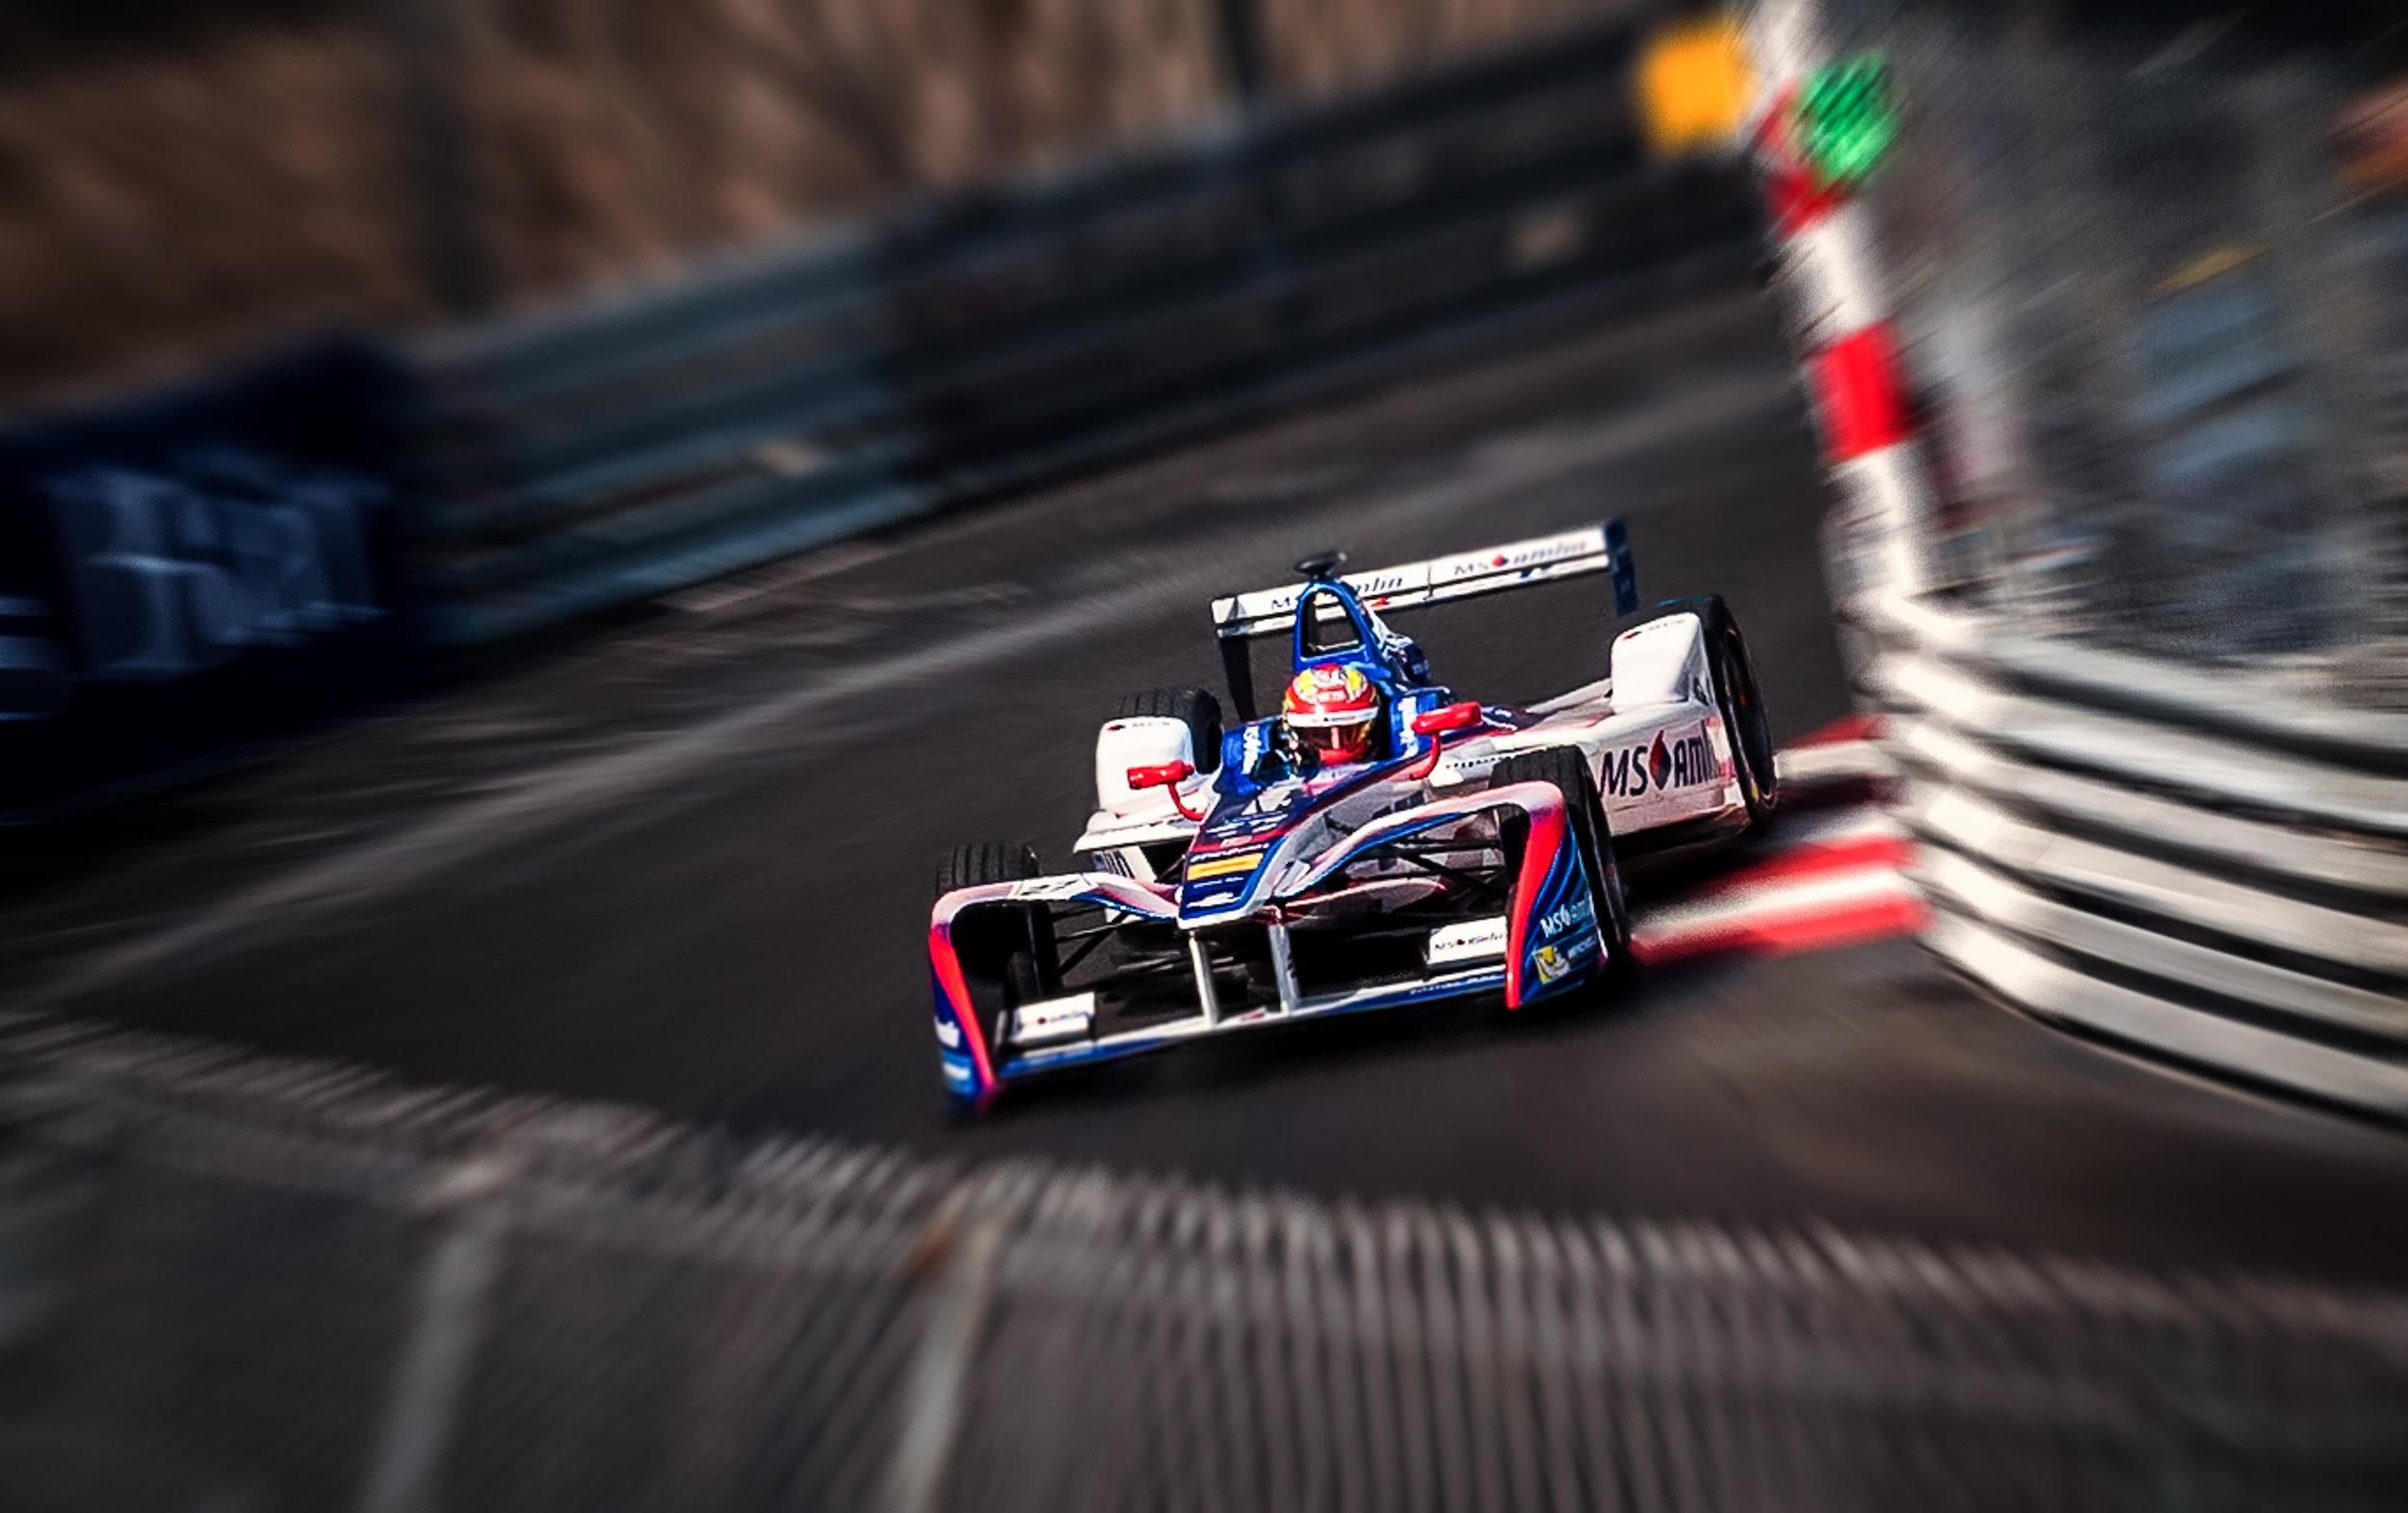 stock-photo-the-race-monaco-216542531.jpg